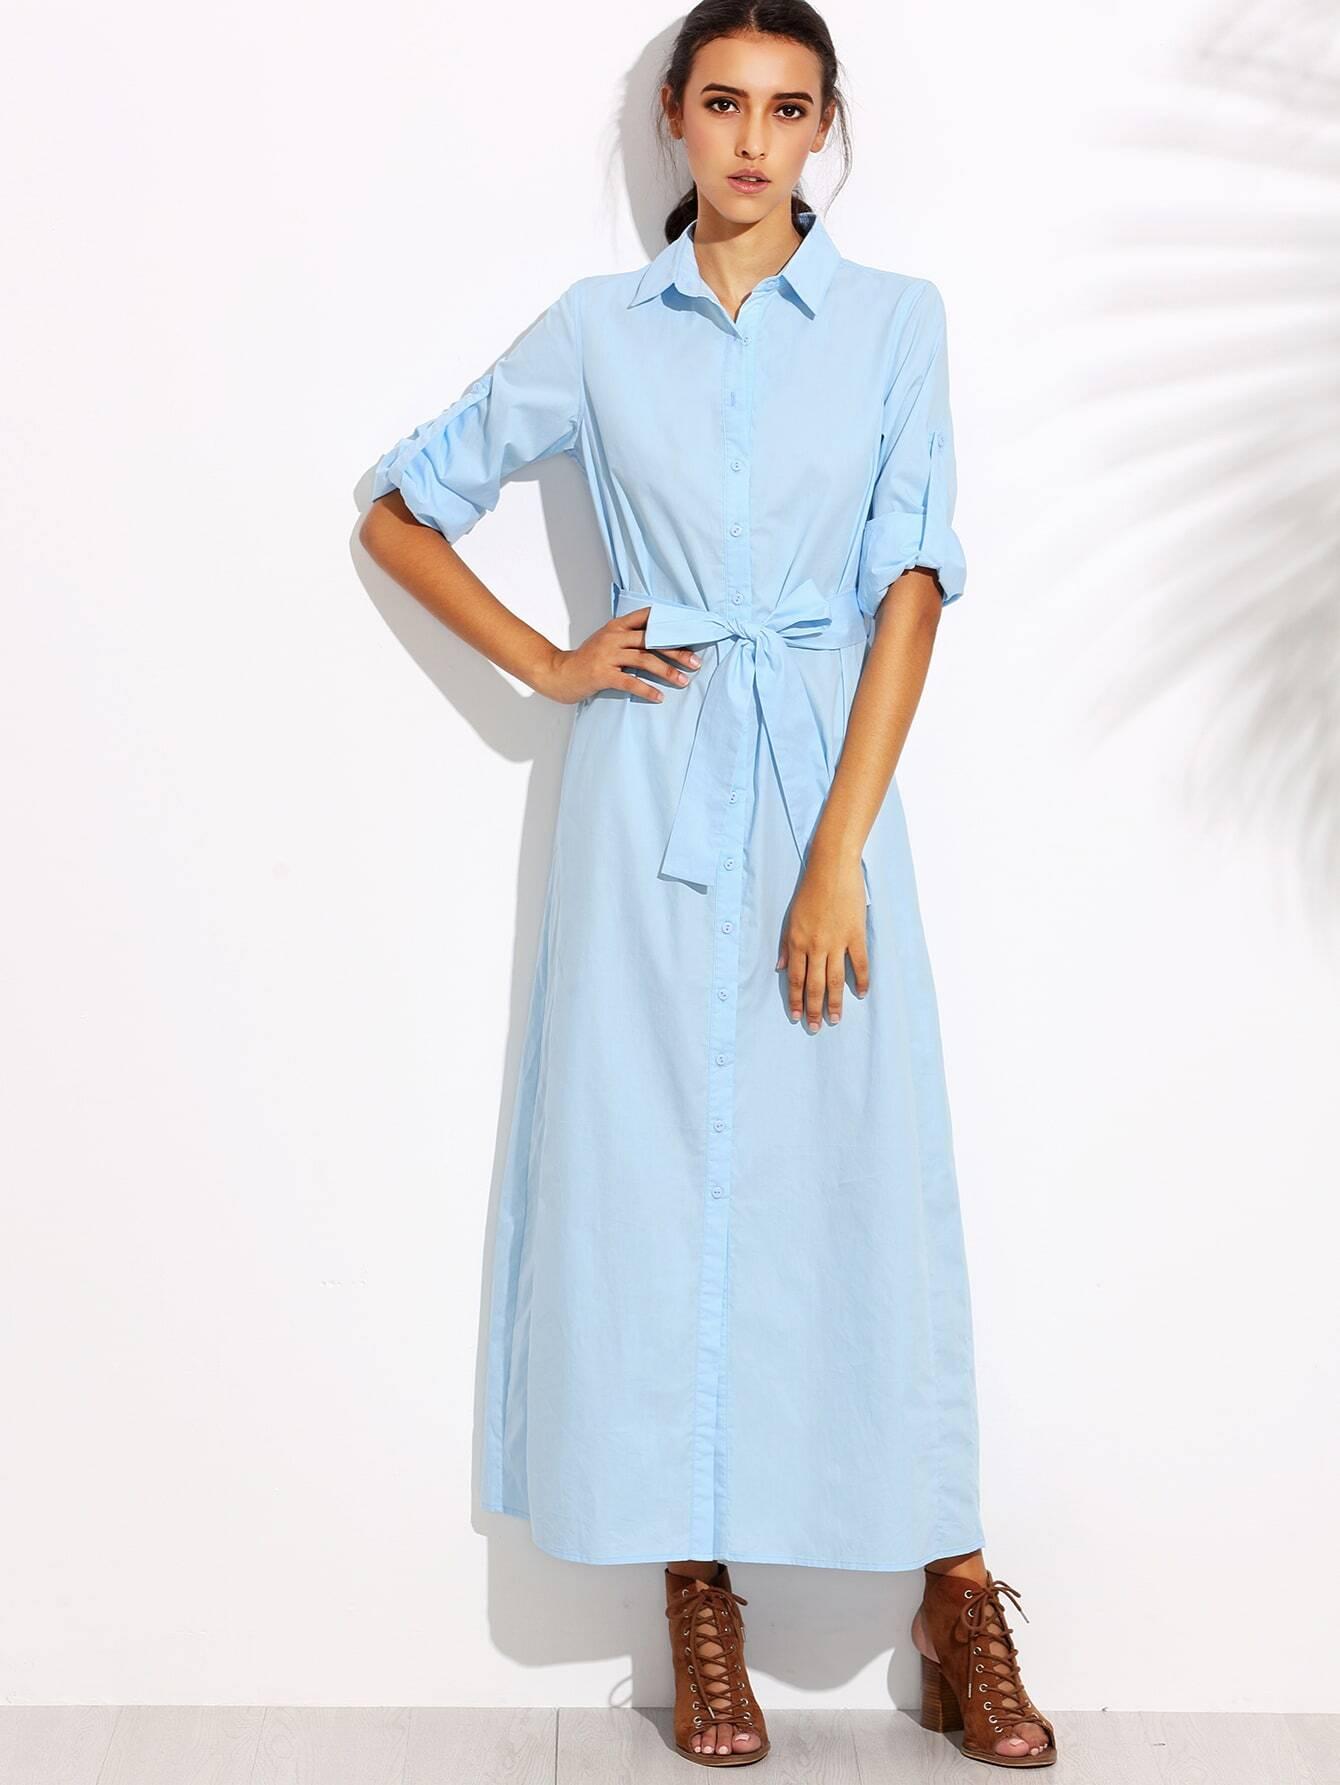 dress160808701_2